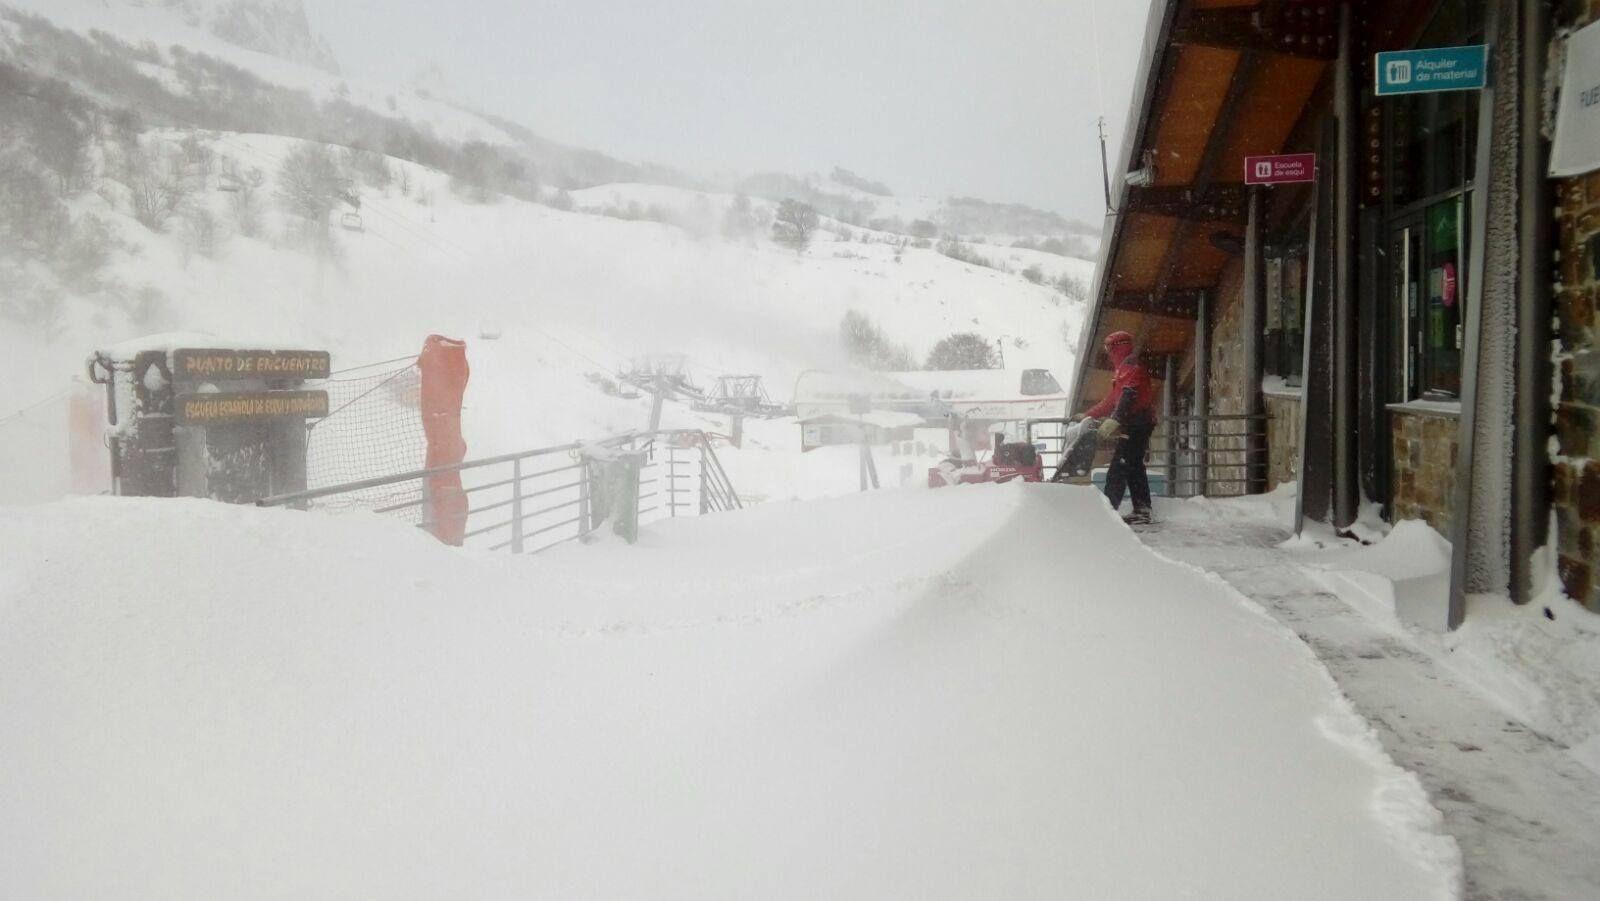 La nieve dificulta el tráfico en la autopista del Huerna.Estación Invernal Fuentes de Invierno